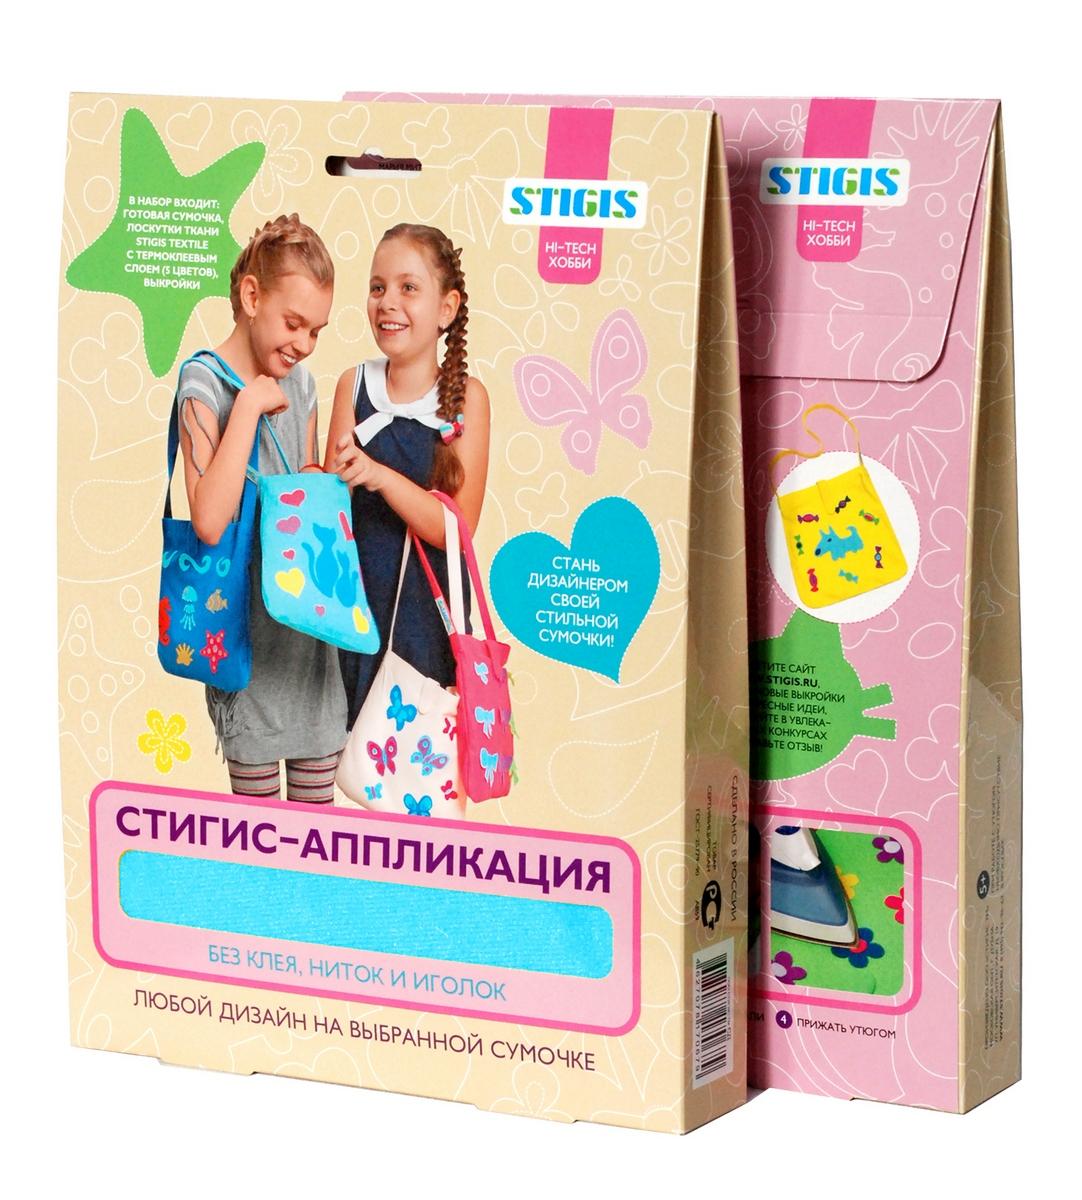 Stigis Набор для украшения сумочки Стигис-аппликация цвет голубойСД голубаяС помощью набора для украшения сумочки Стигис-аппликация ваш ребенок сможет легко создать сумочку с авторским дизайном. В набор входит сумочка, 5 кусочков ткани с уникальным термоклеевым слоем, выкройки и инструкция на русском языке. Все, что должен уметь ребенок - это держать в руке ножницы, а если этого навыка еще нет, то это отличный повод получить его! Специальная ткань легко режется и не сечется. Благодаря ярким цветам и приятной фактуре аппликация получится красочной и уютной. Чтобы создать понравившуюся картинку на сумочке нужно вырезать элементы из ткани по контурам, разложить их на фоне и попросить маму прижать картинку утюгом. Фантазия, любовь к творчеству, вкус, чувство цвета, дизайнерские навыки, мелкая моторика, аккуратность - эти качества и навыки развиваются при занятии стигис-аппликацией.